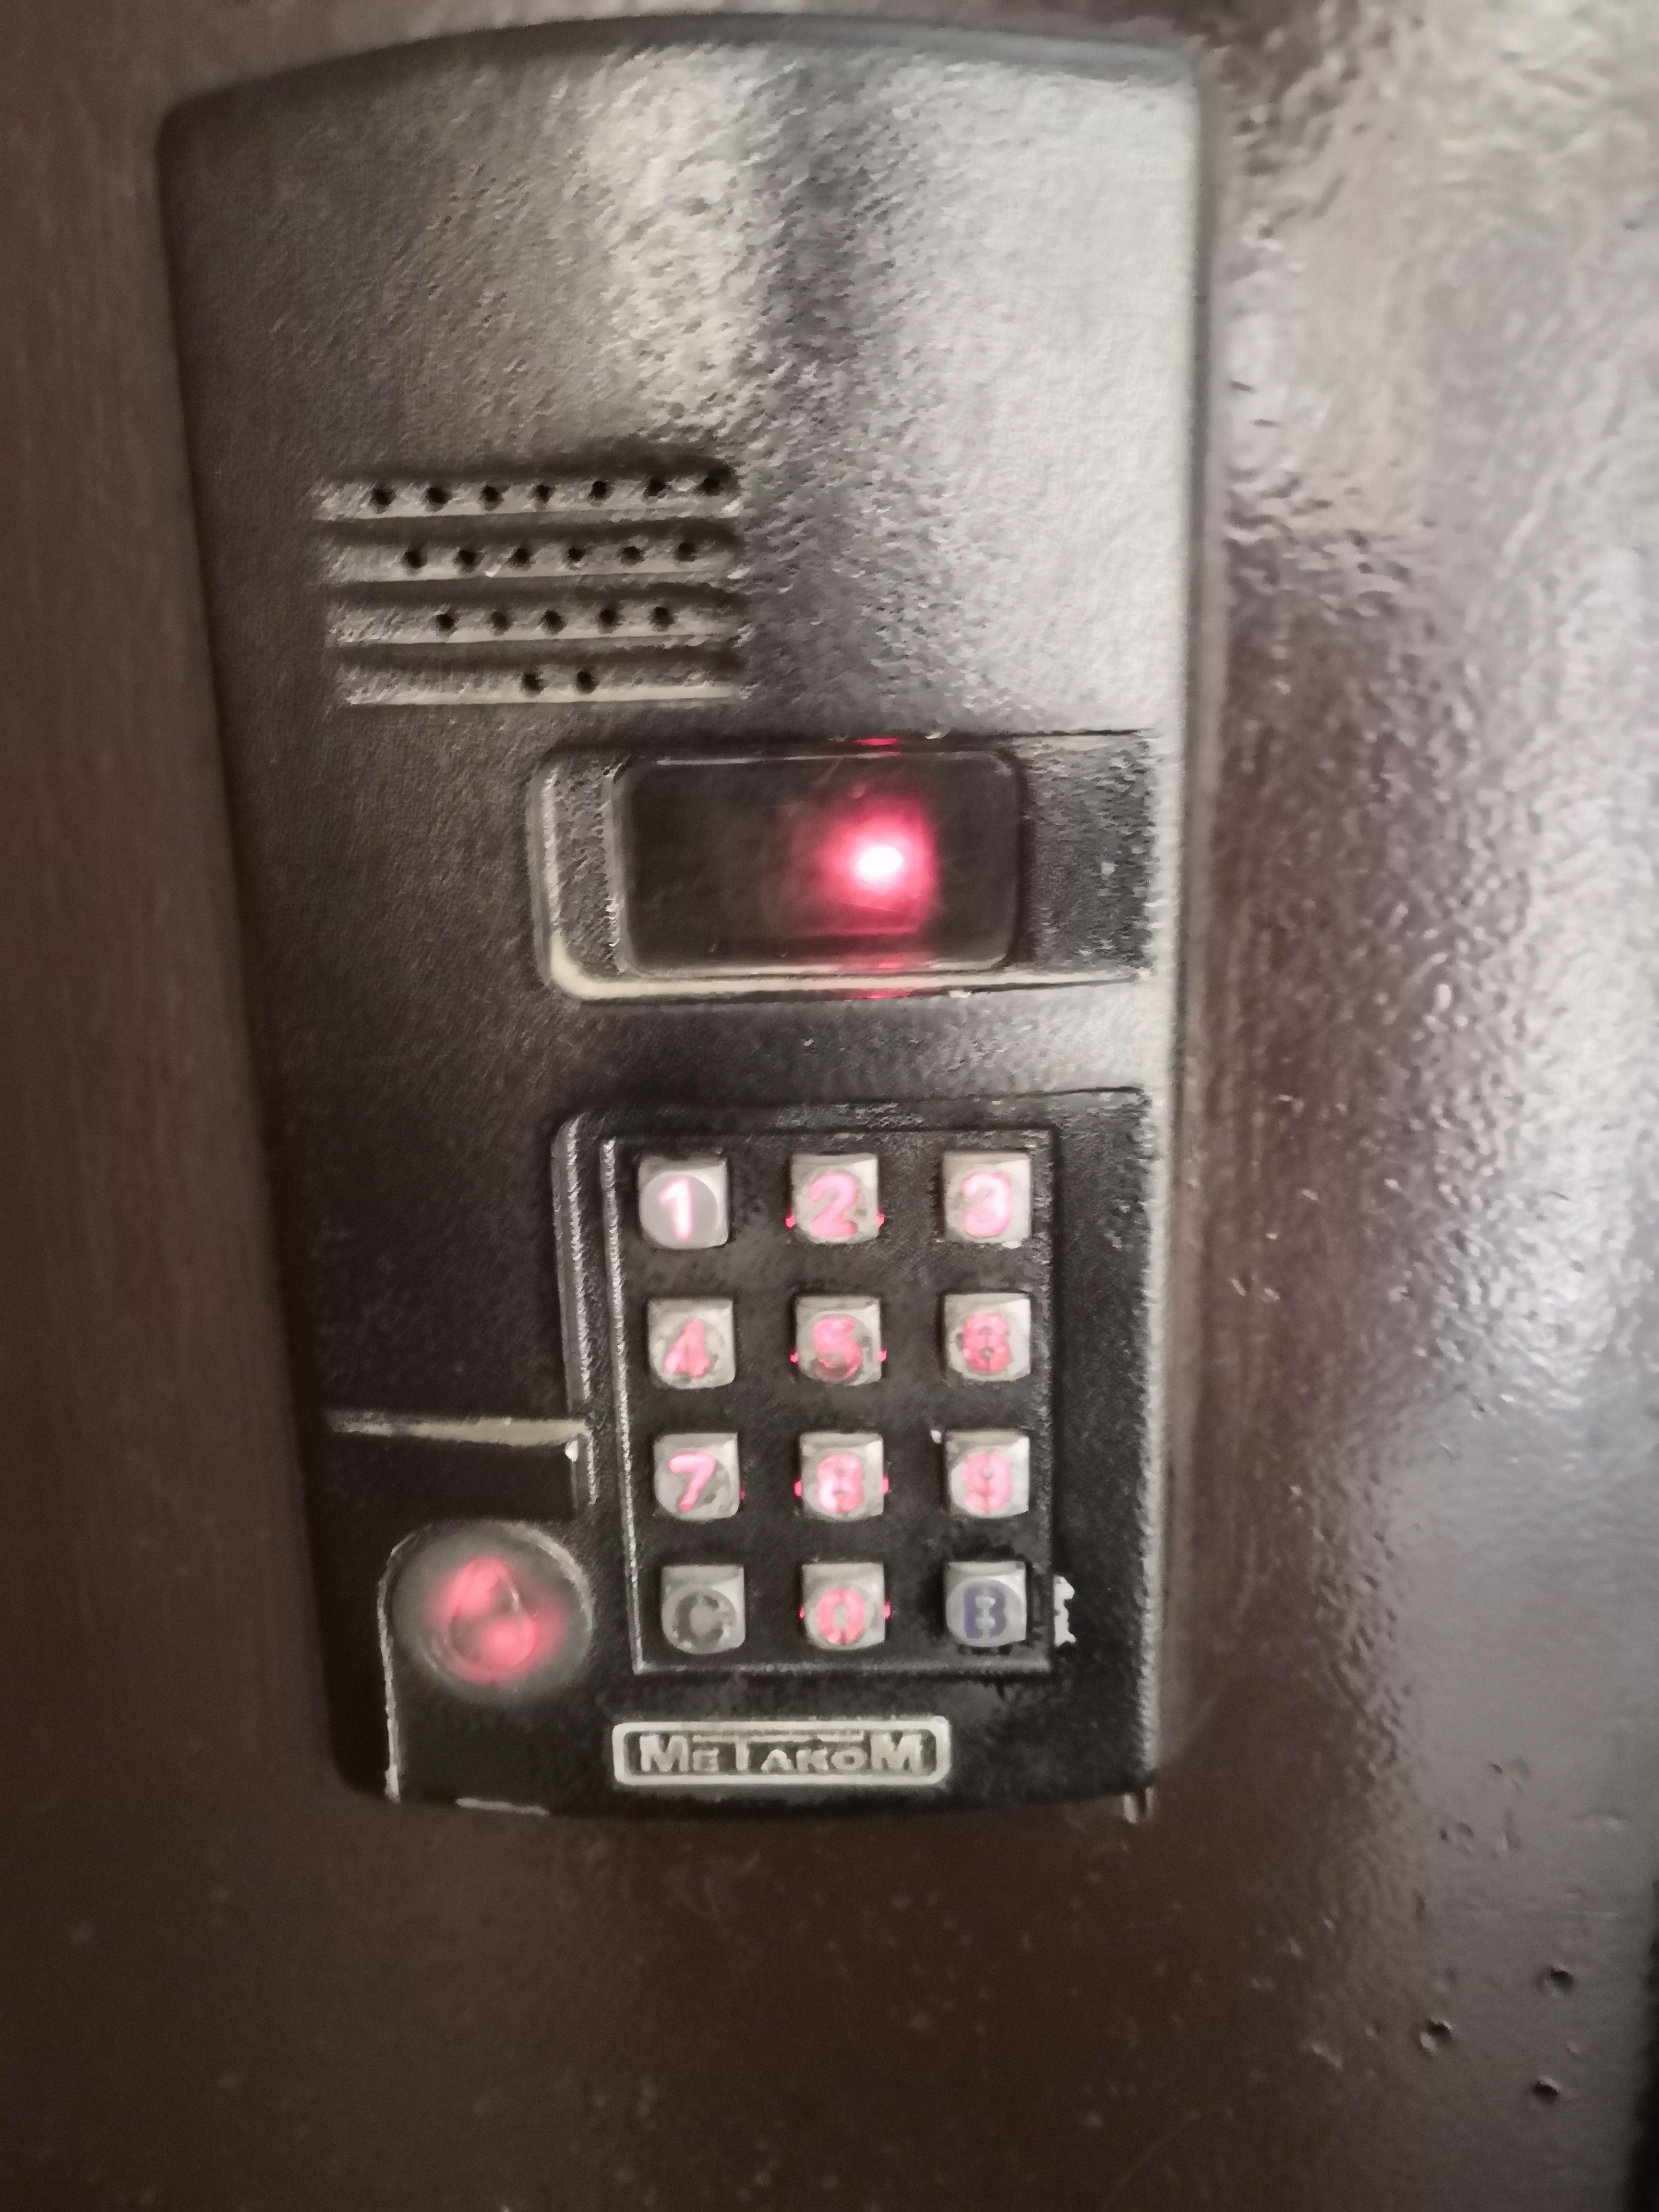 слышал, чтобы коды на домофоны метаком и их фото образом